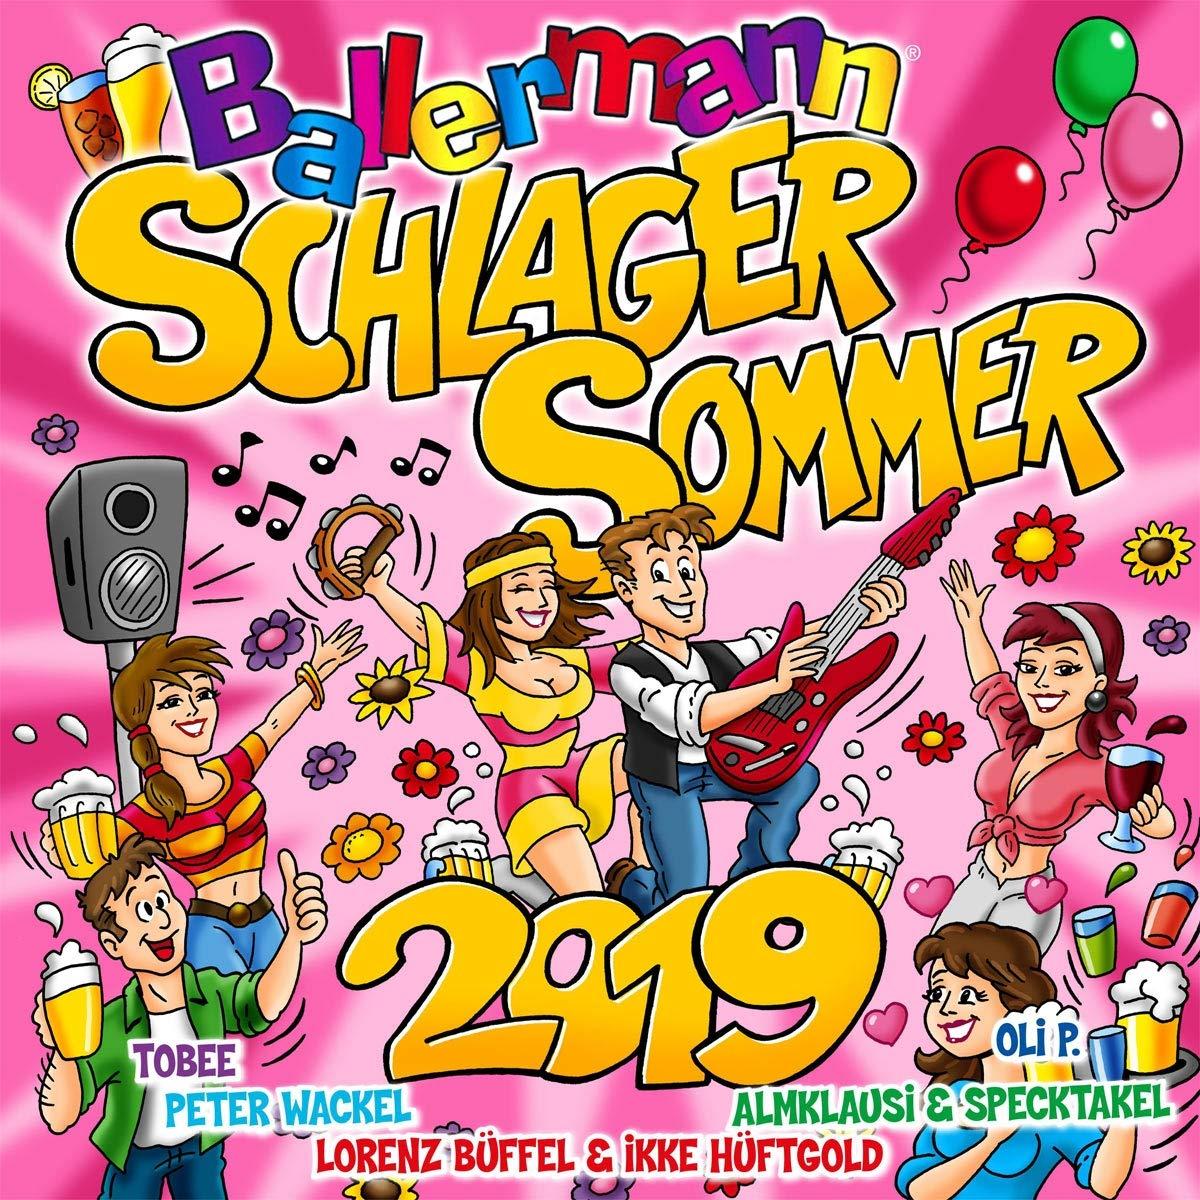 Ballermann Schlagersommer 2019